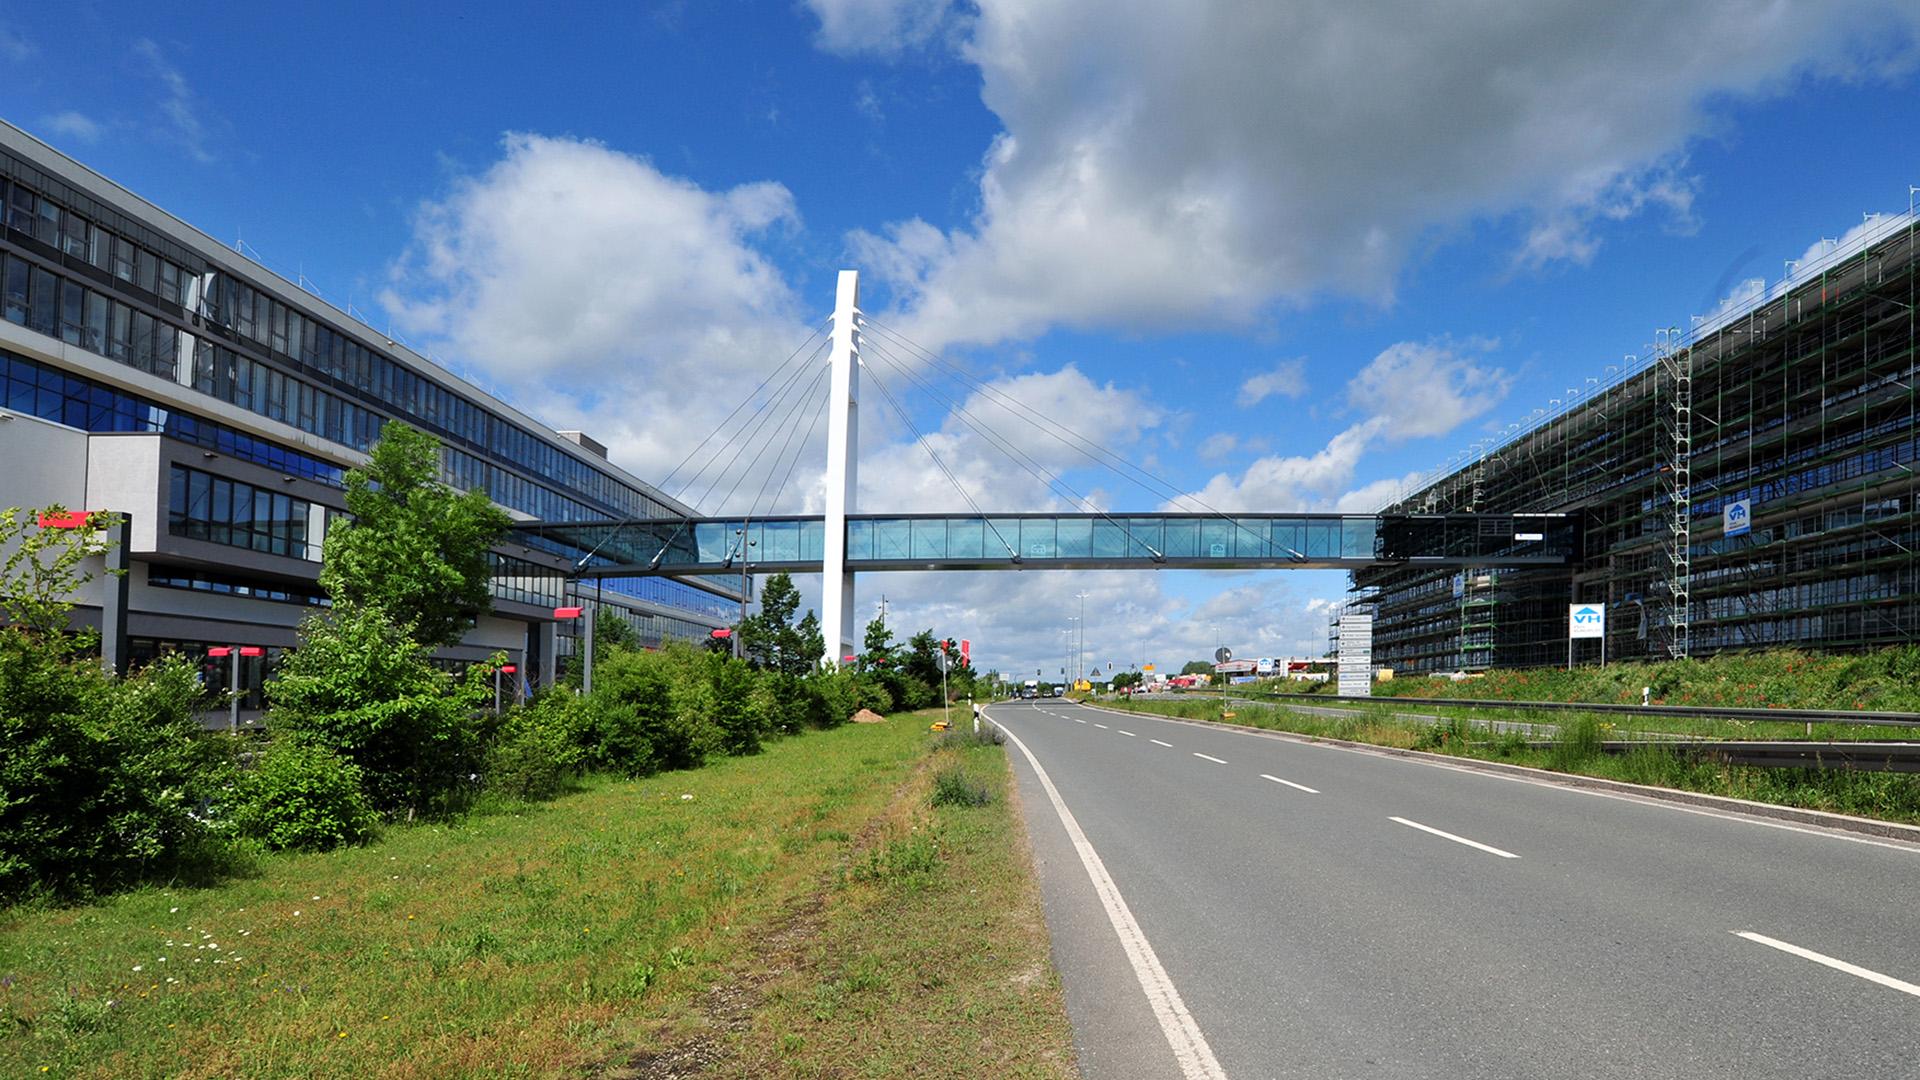 Verbindungsbrücke Stahlbau Lamparter für Puma in Herzogenaurach aus Stahl und Glas. Stahlbau.